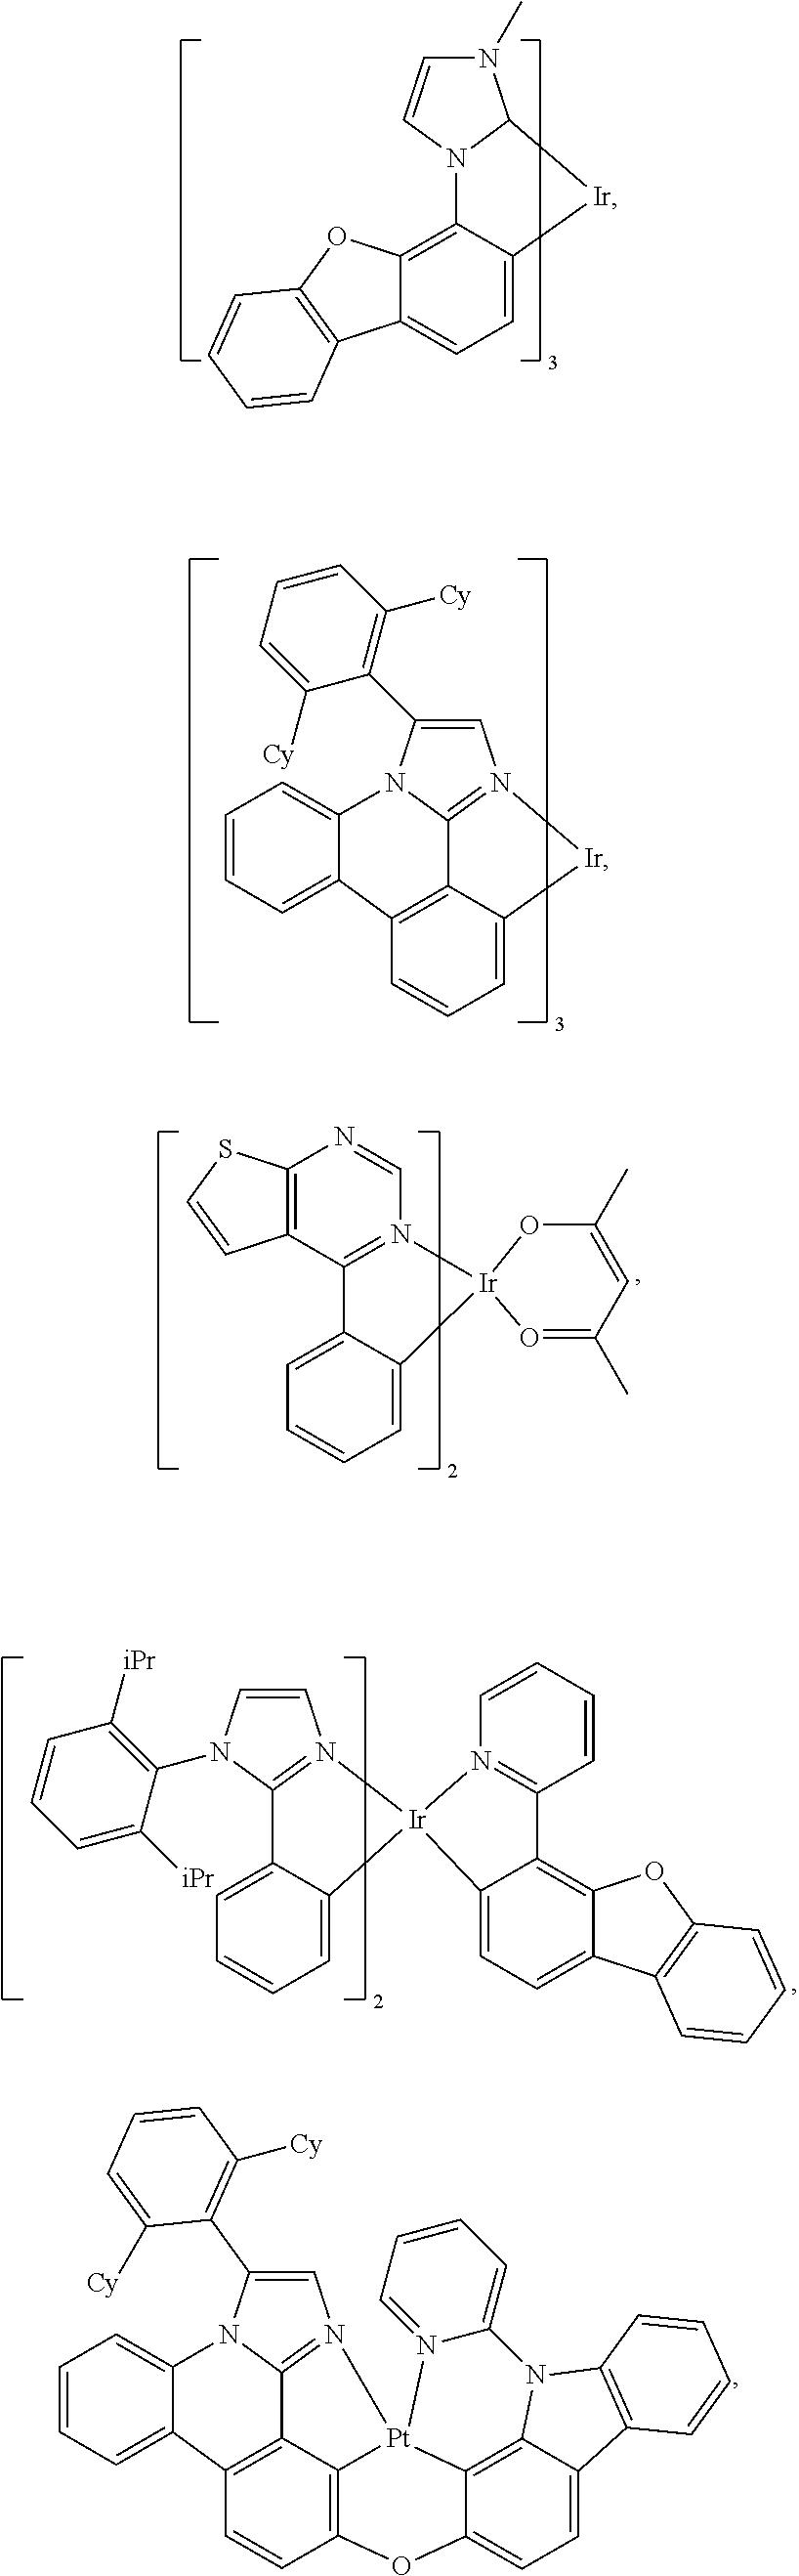 Figure US20180076393A1-20180315-C00103